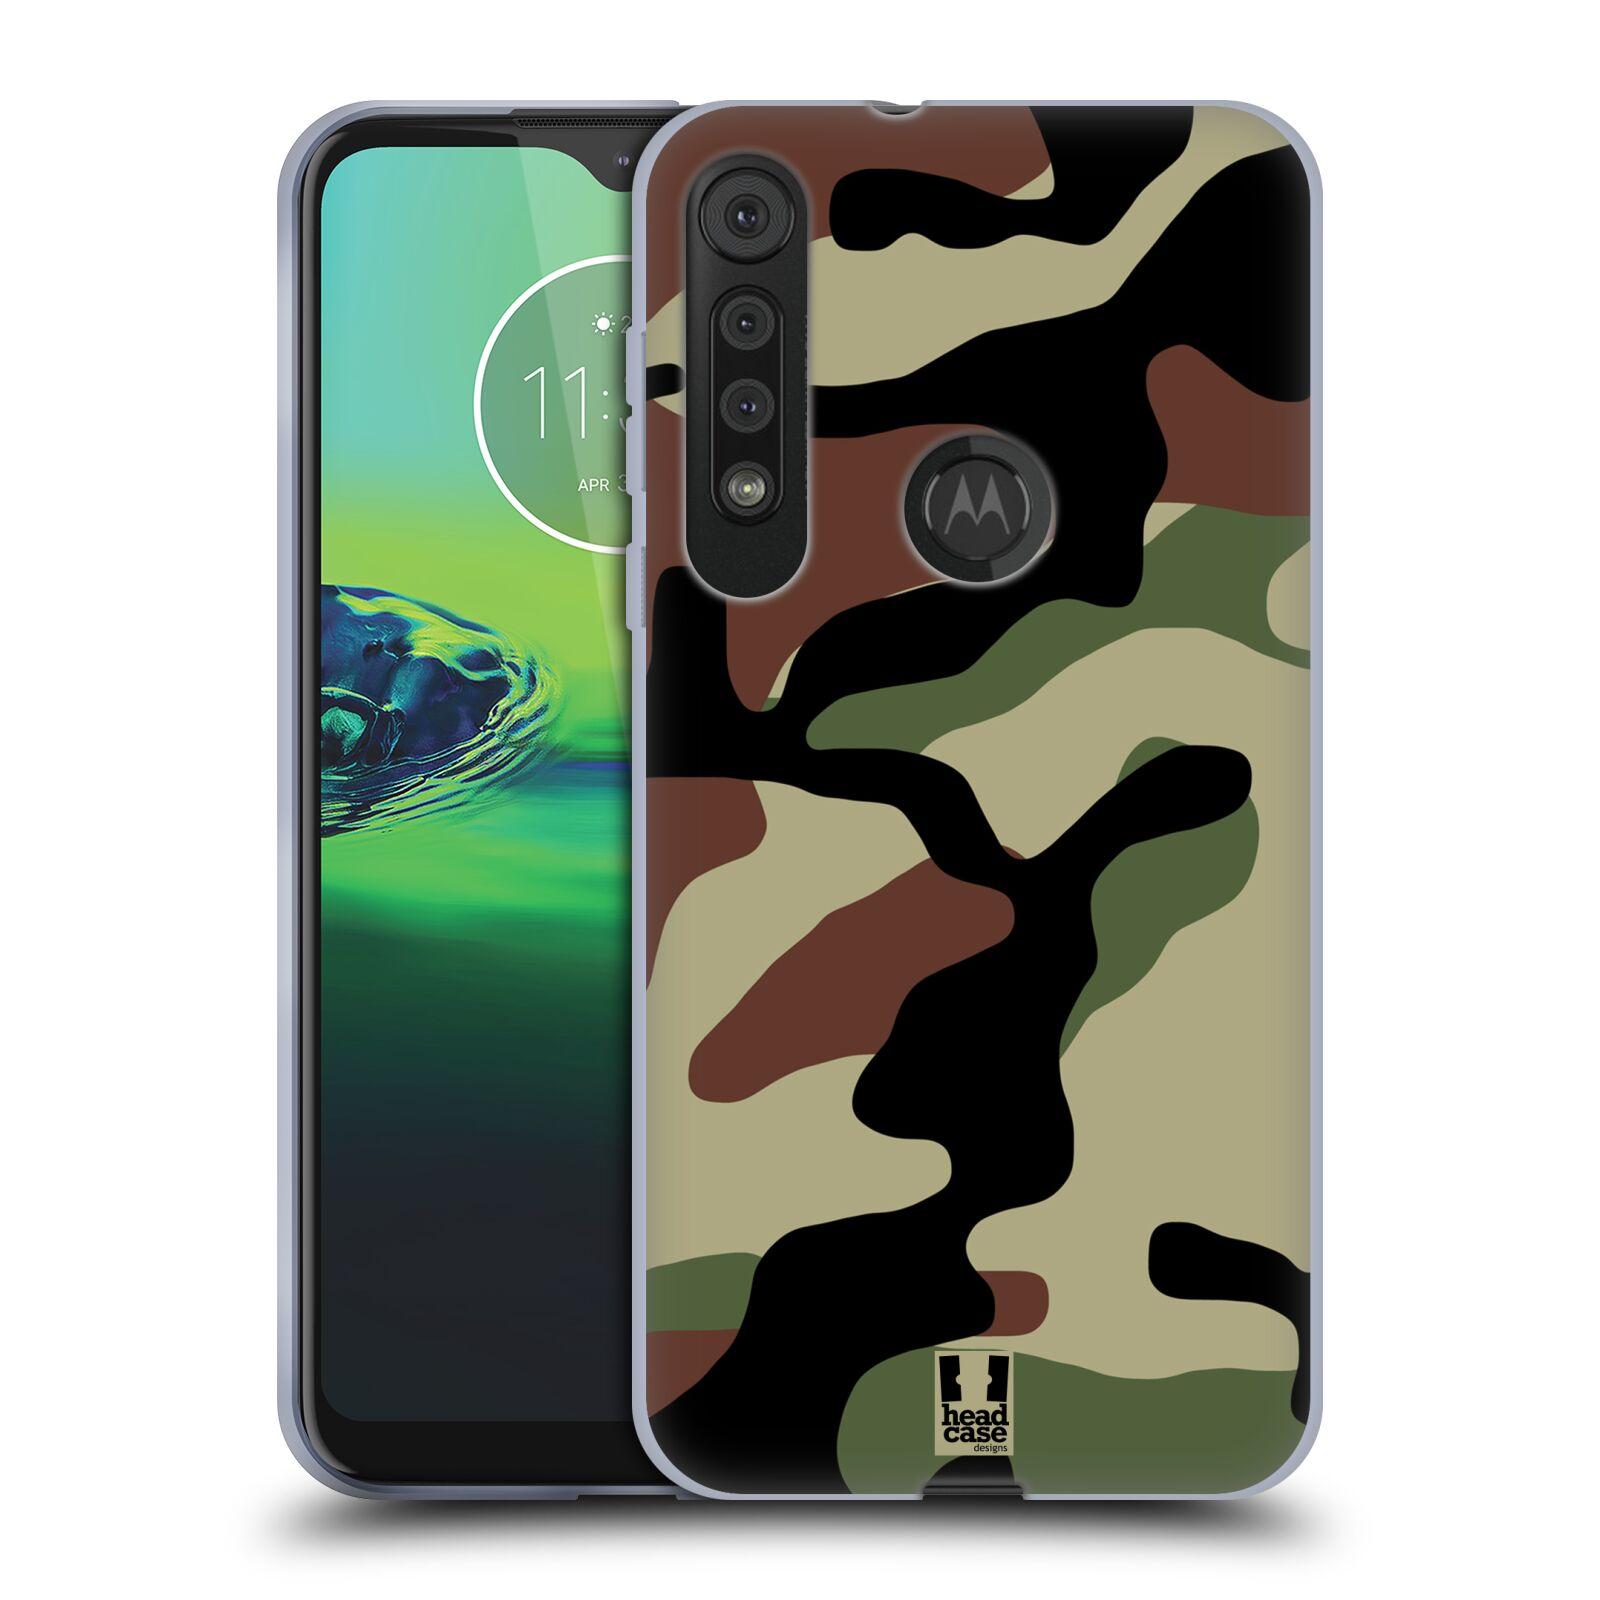 Silikonové pouzdro na mobil Motorola One Macro - Head Case - Maskáče